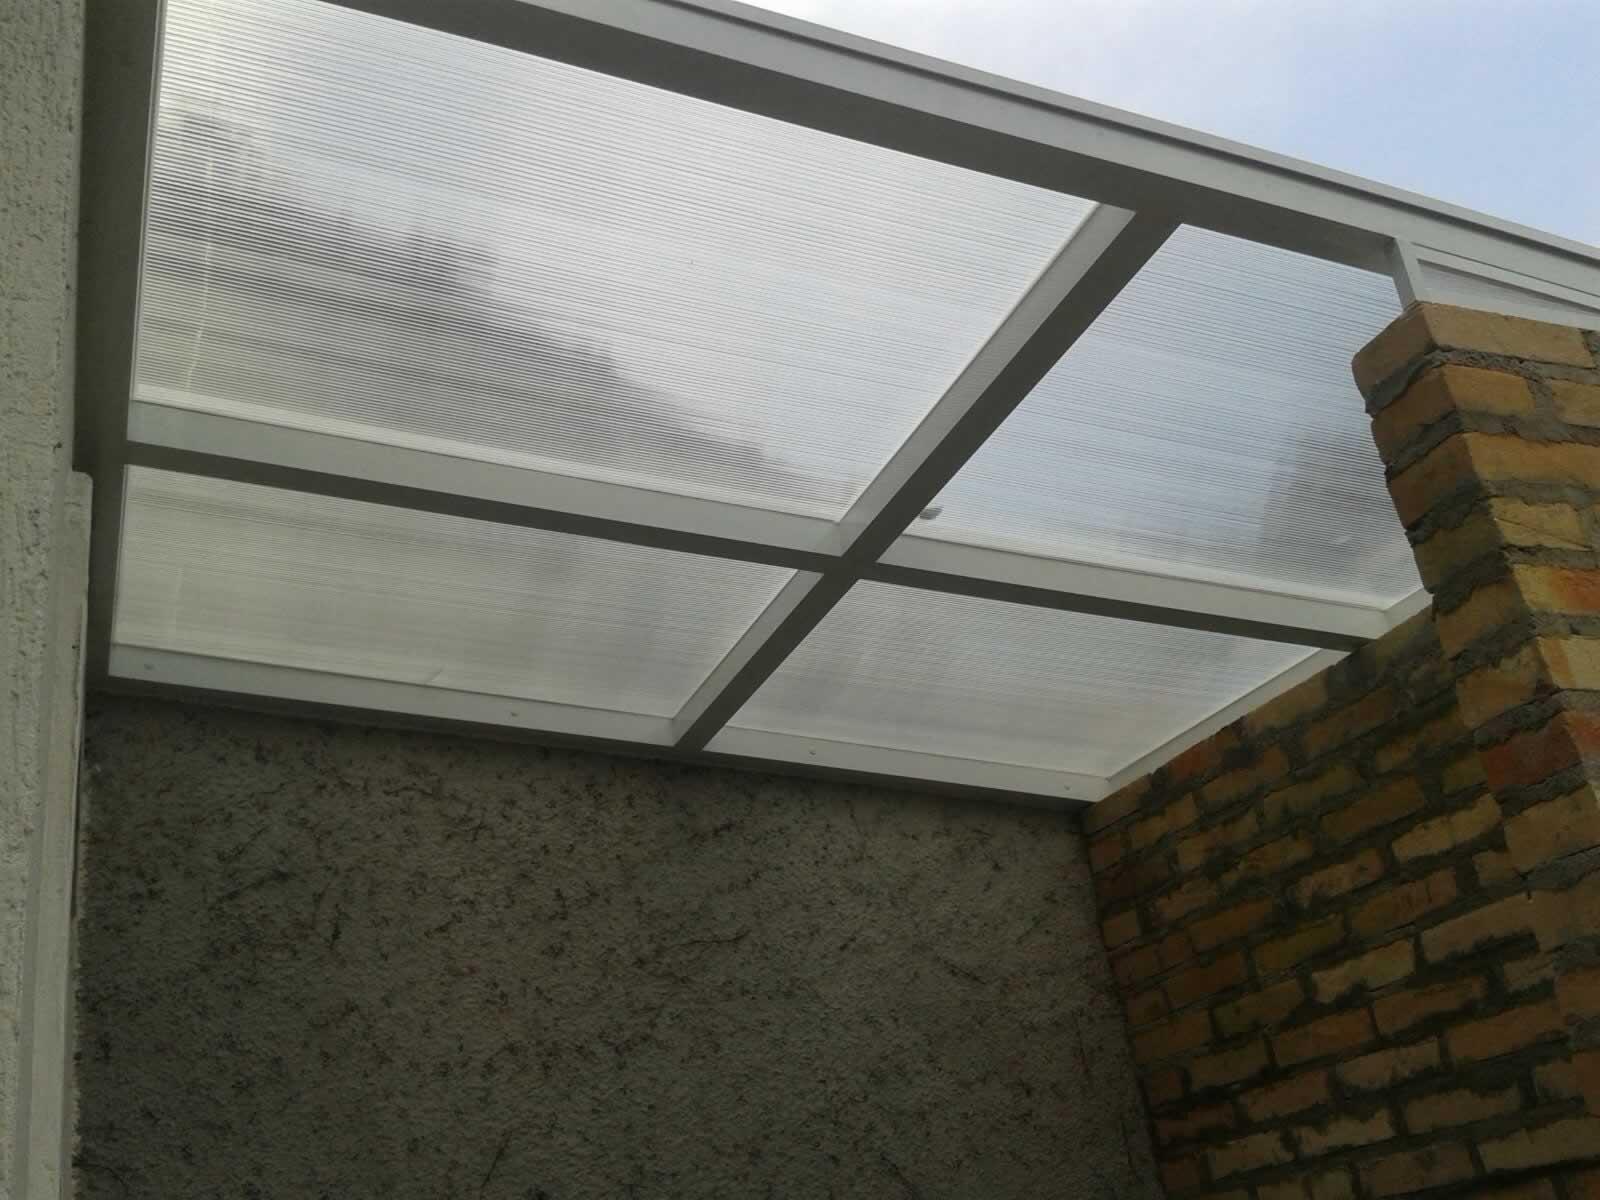 Preferência Cobertura em Vidro - Telhados em Vidro - Cobertura de Vidro em  UH06